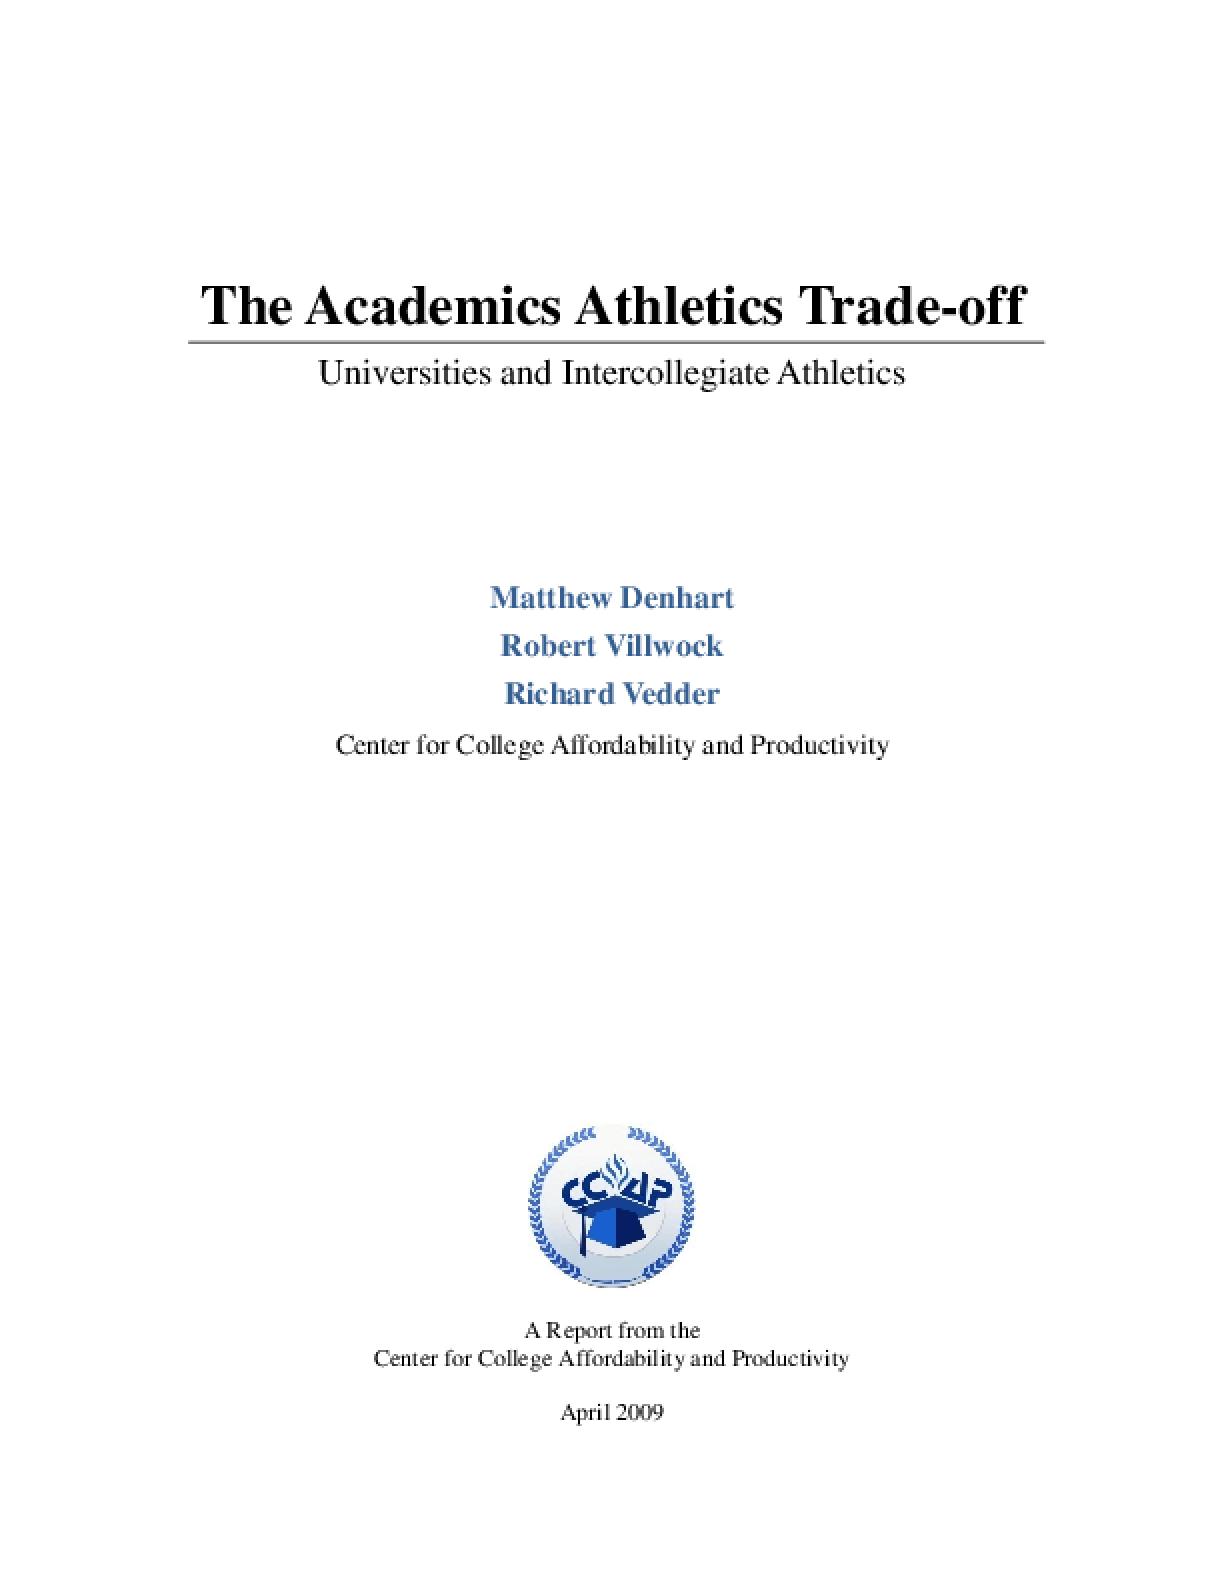 The Academics Athletics Trade-off: Universities and Intercollegiate Athletics